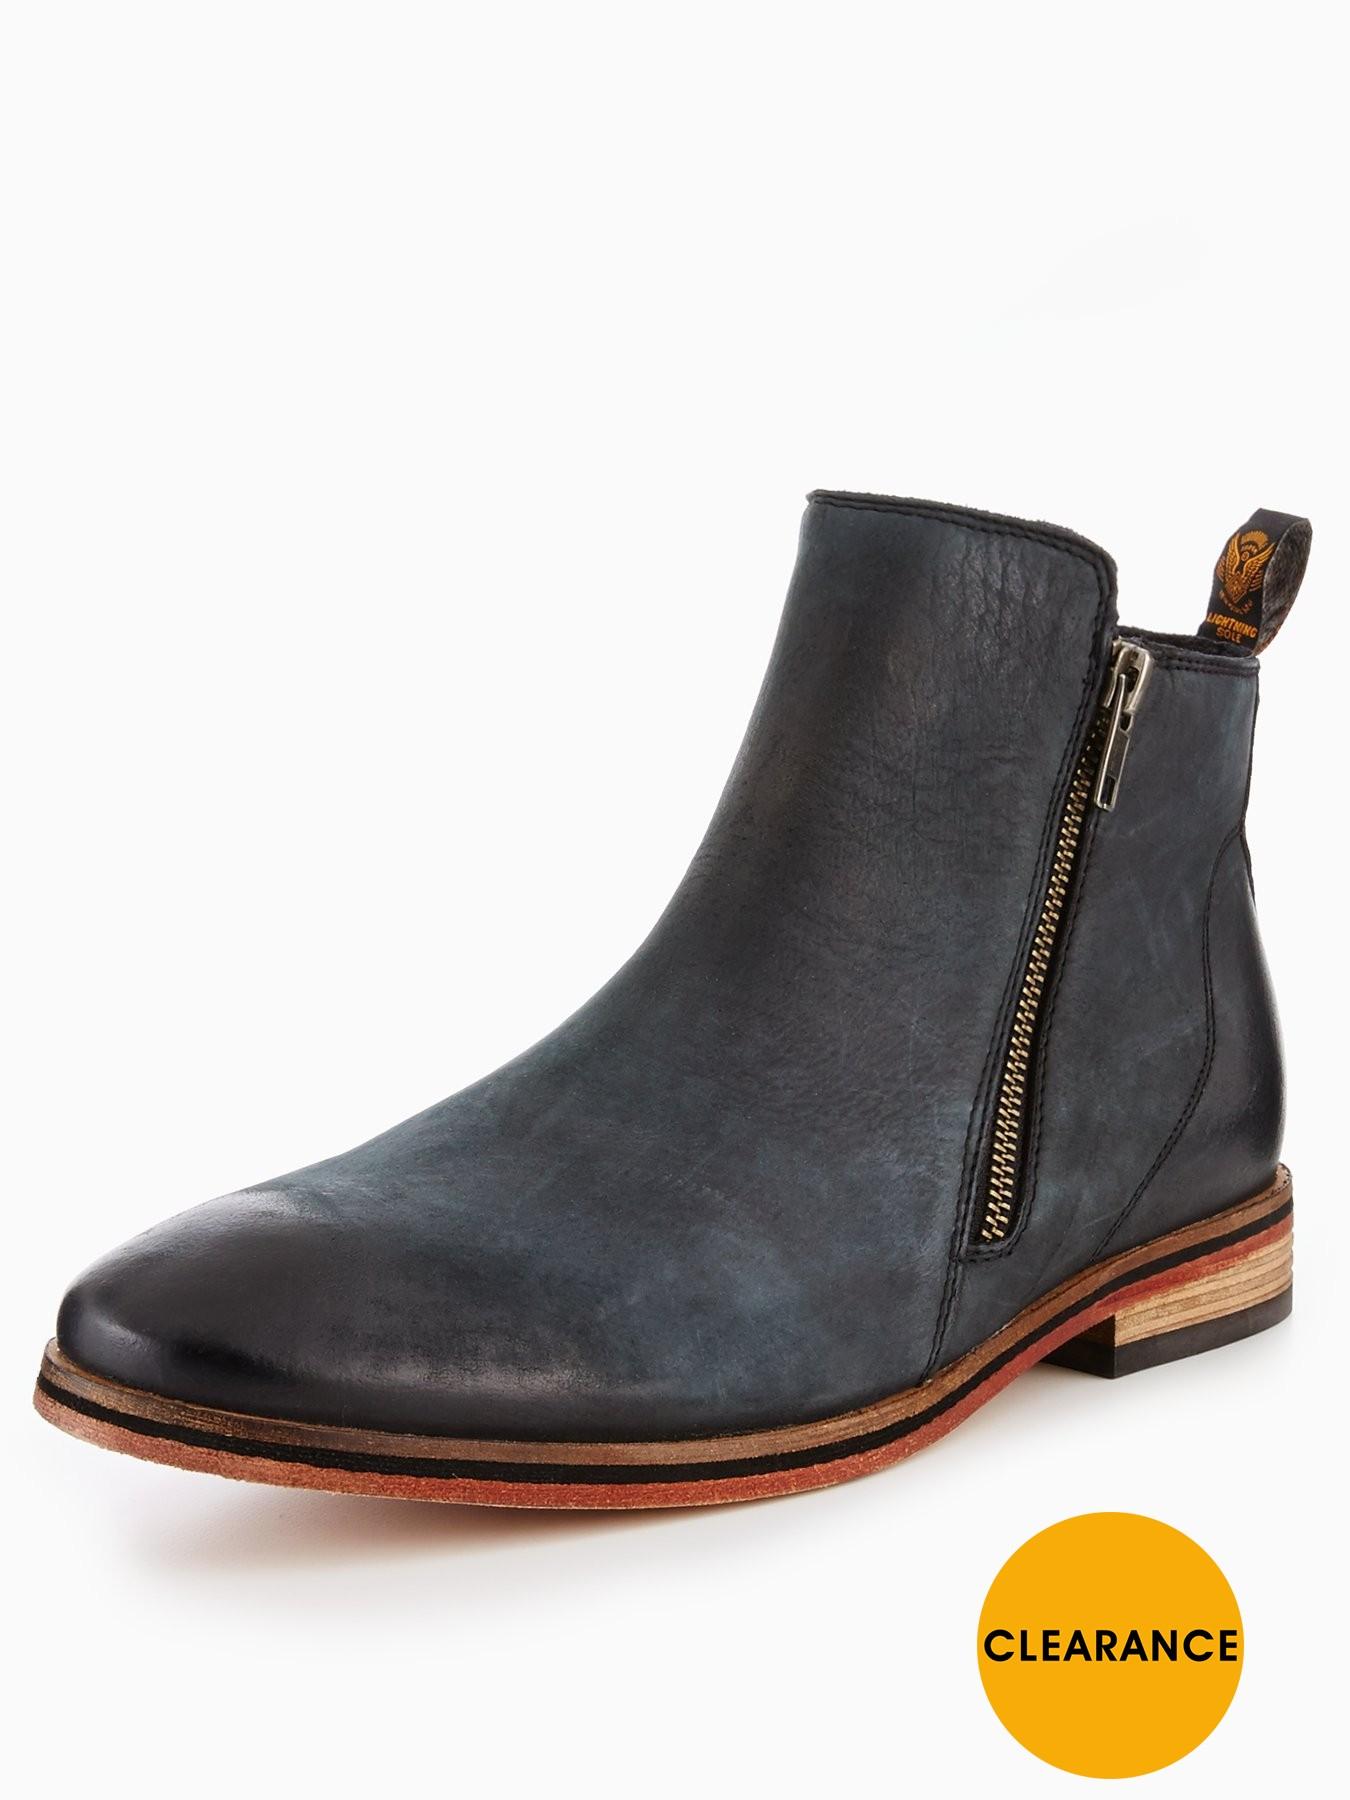 Superdry Trenton Zip Boot 1600189986 Men's Shoes Superdry Boots